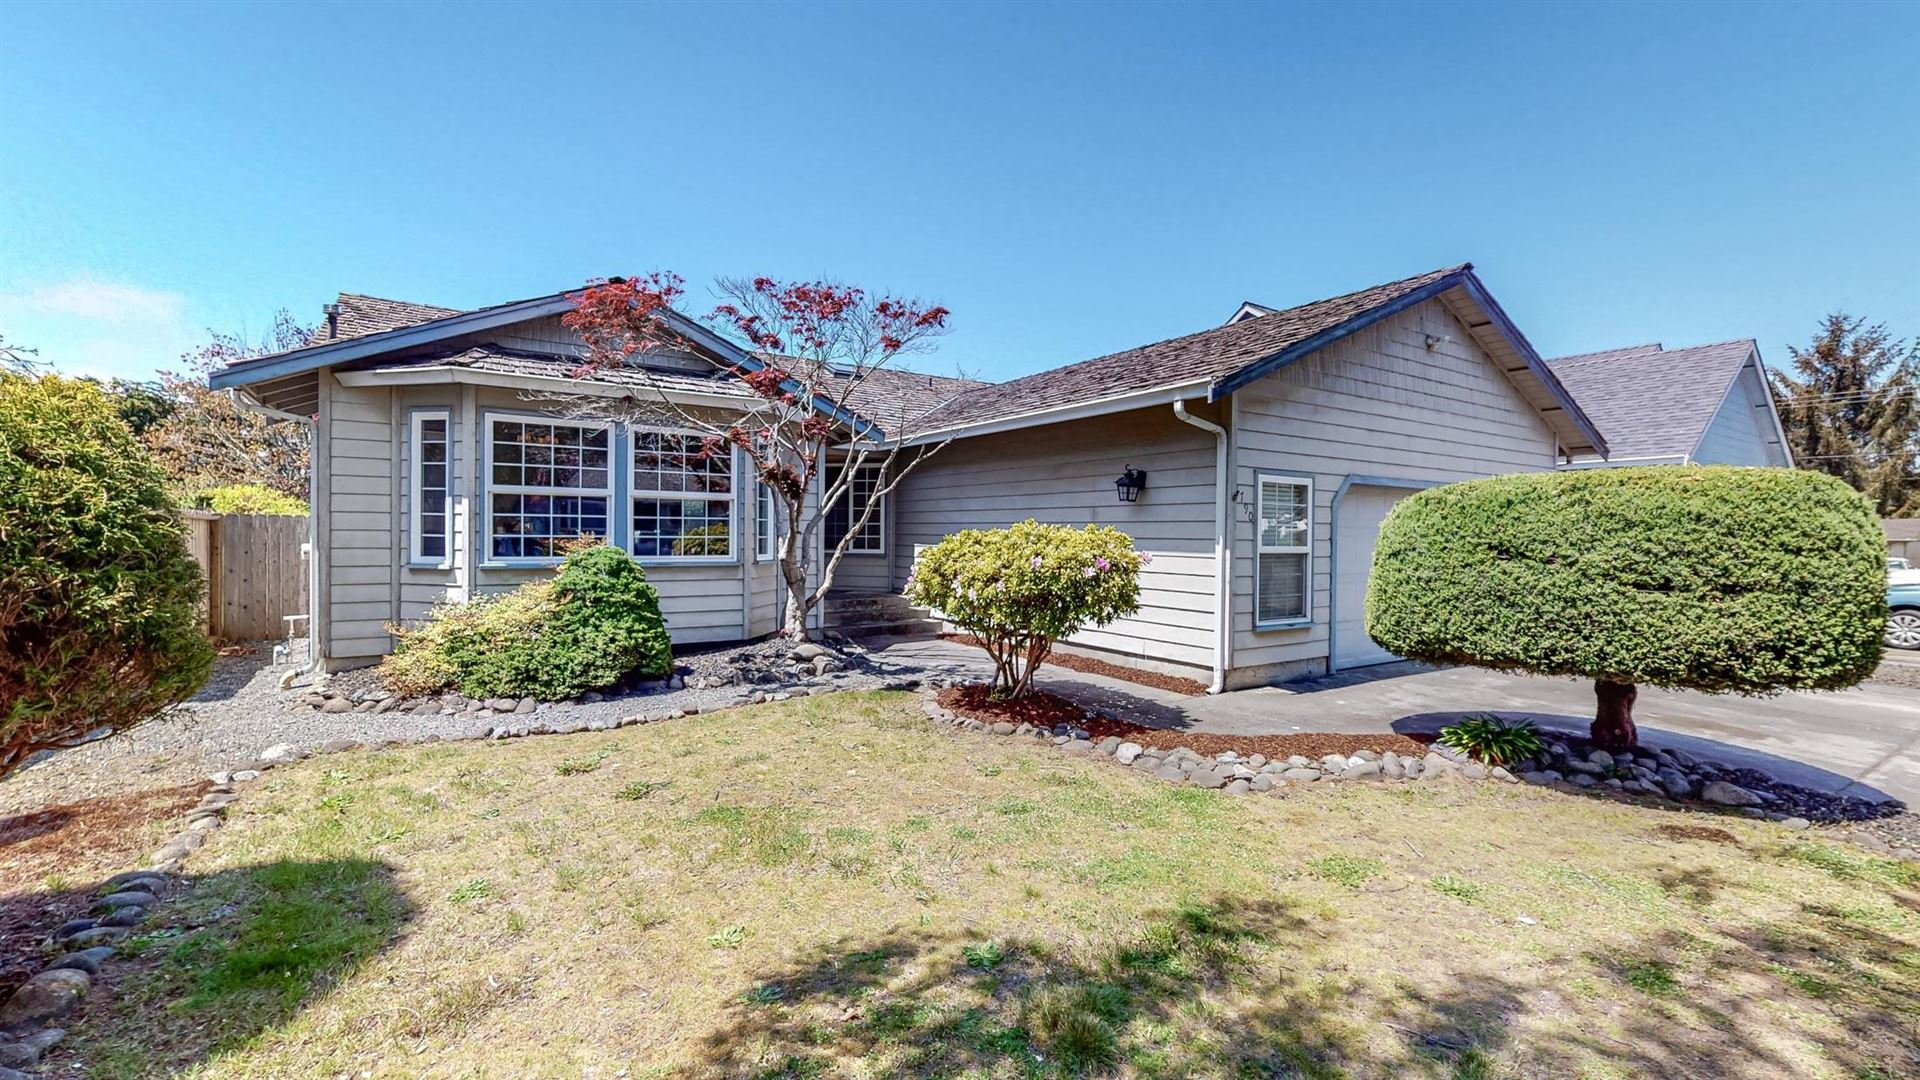 1790 Wild Canary Street, McKinleyville, CA 95519 - MLS#: 259025